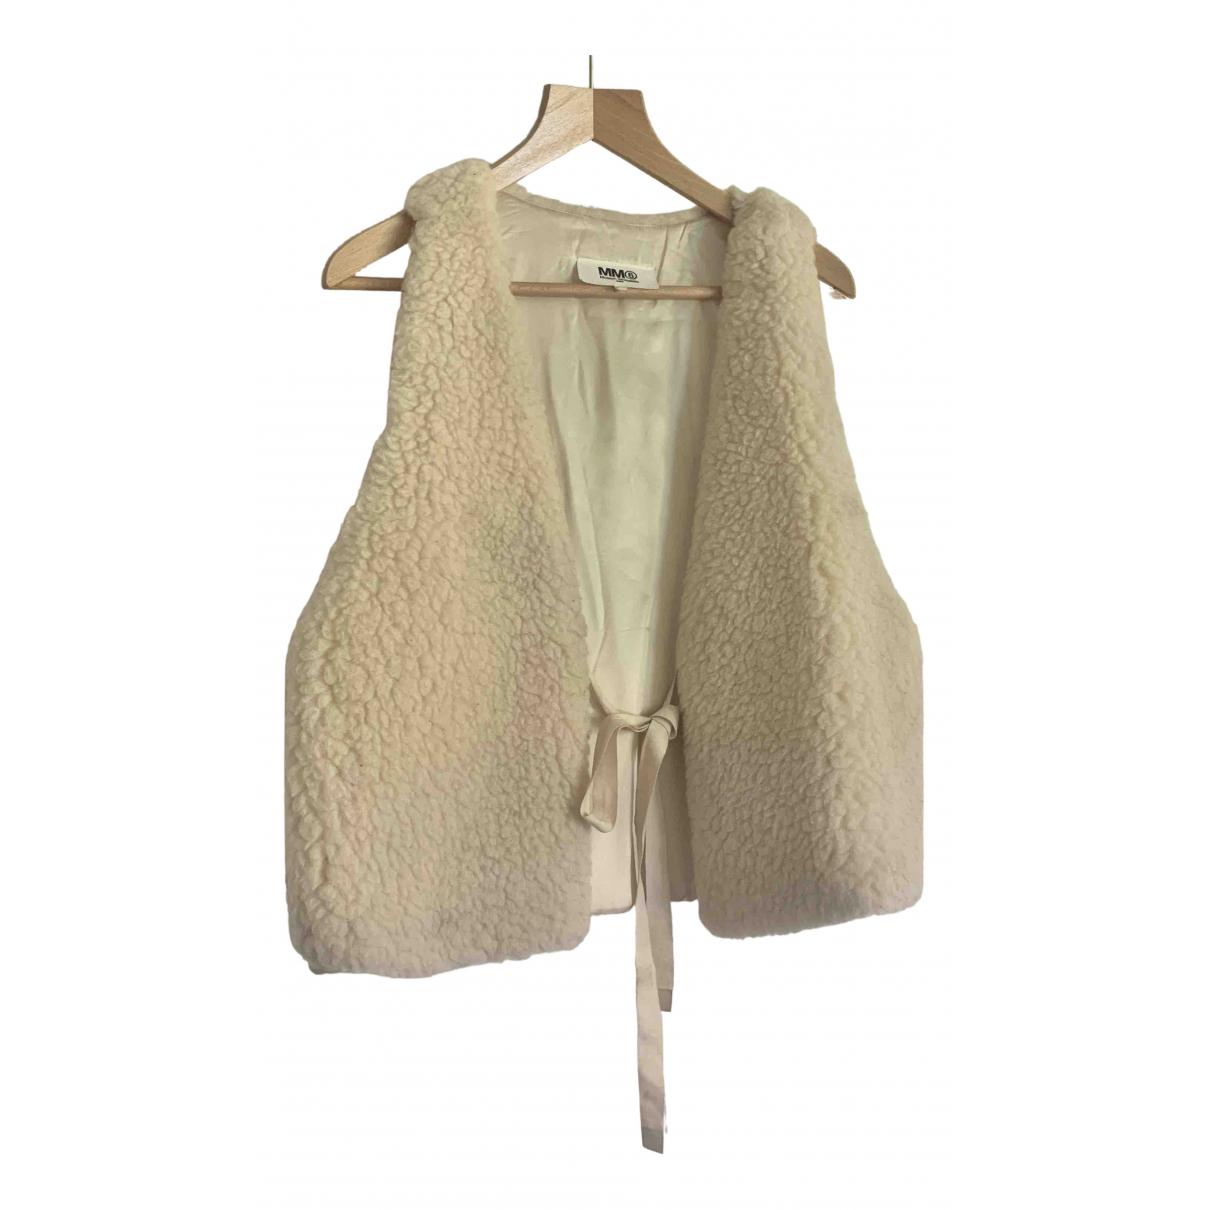 Mm6 \N Beige Wool jacket for Women 10 UK